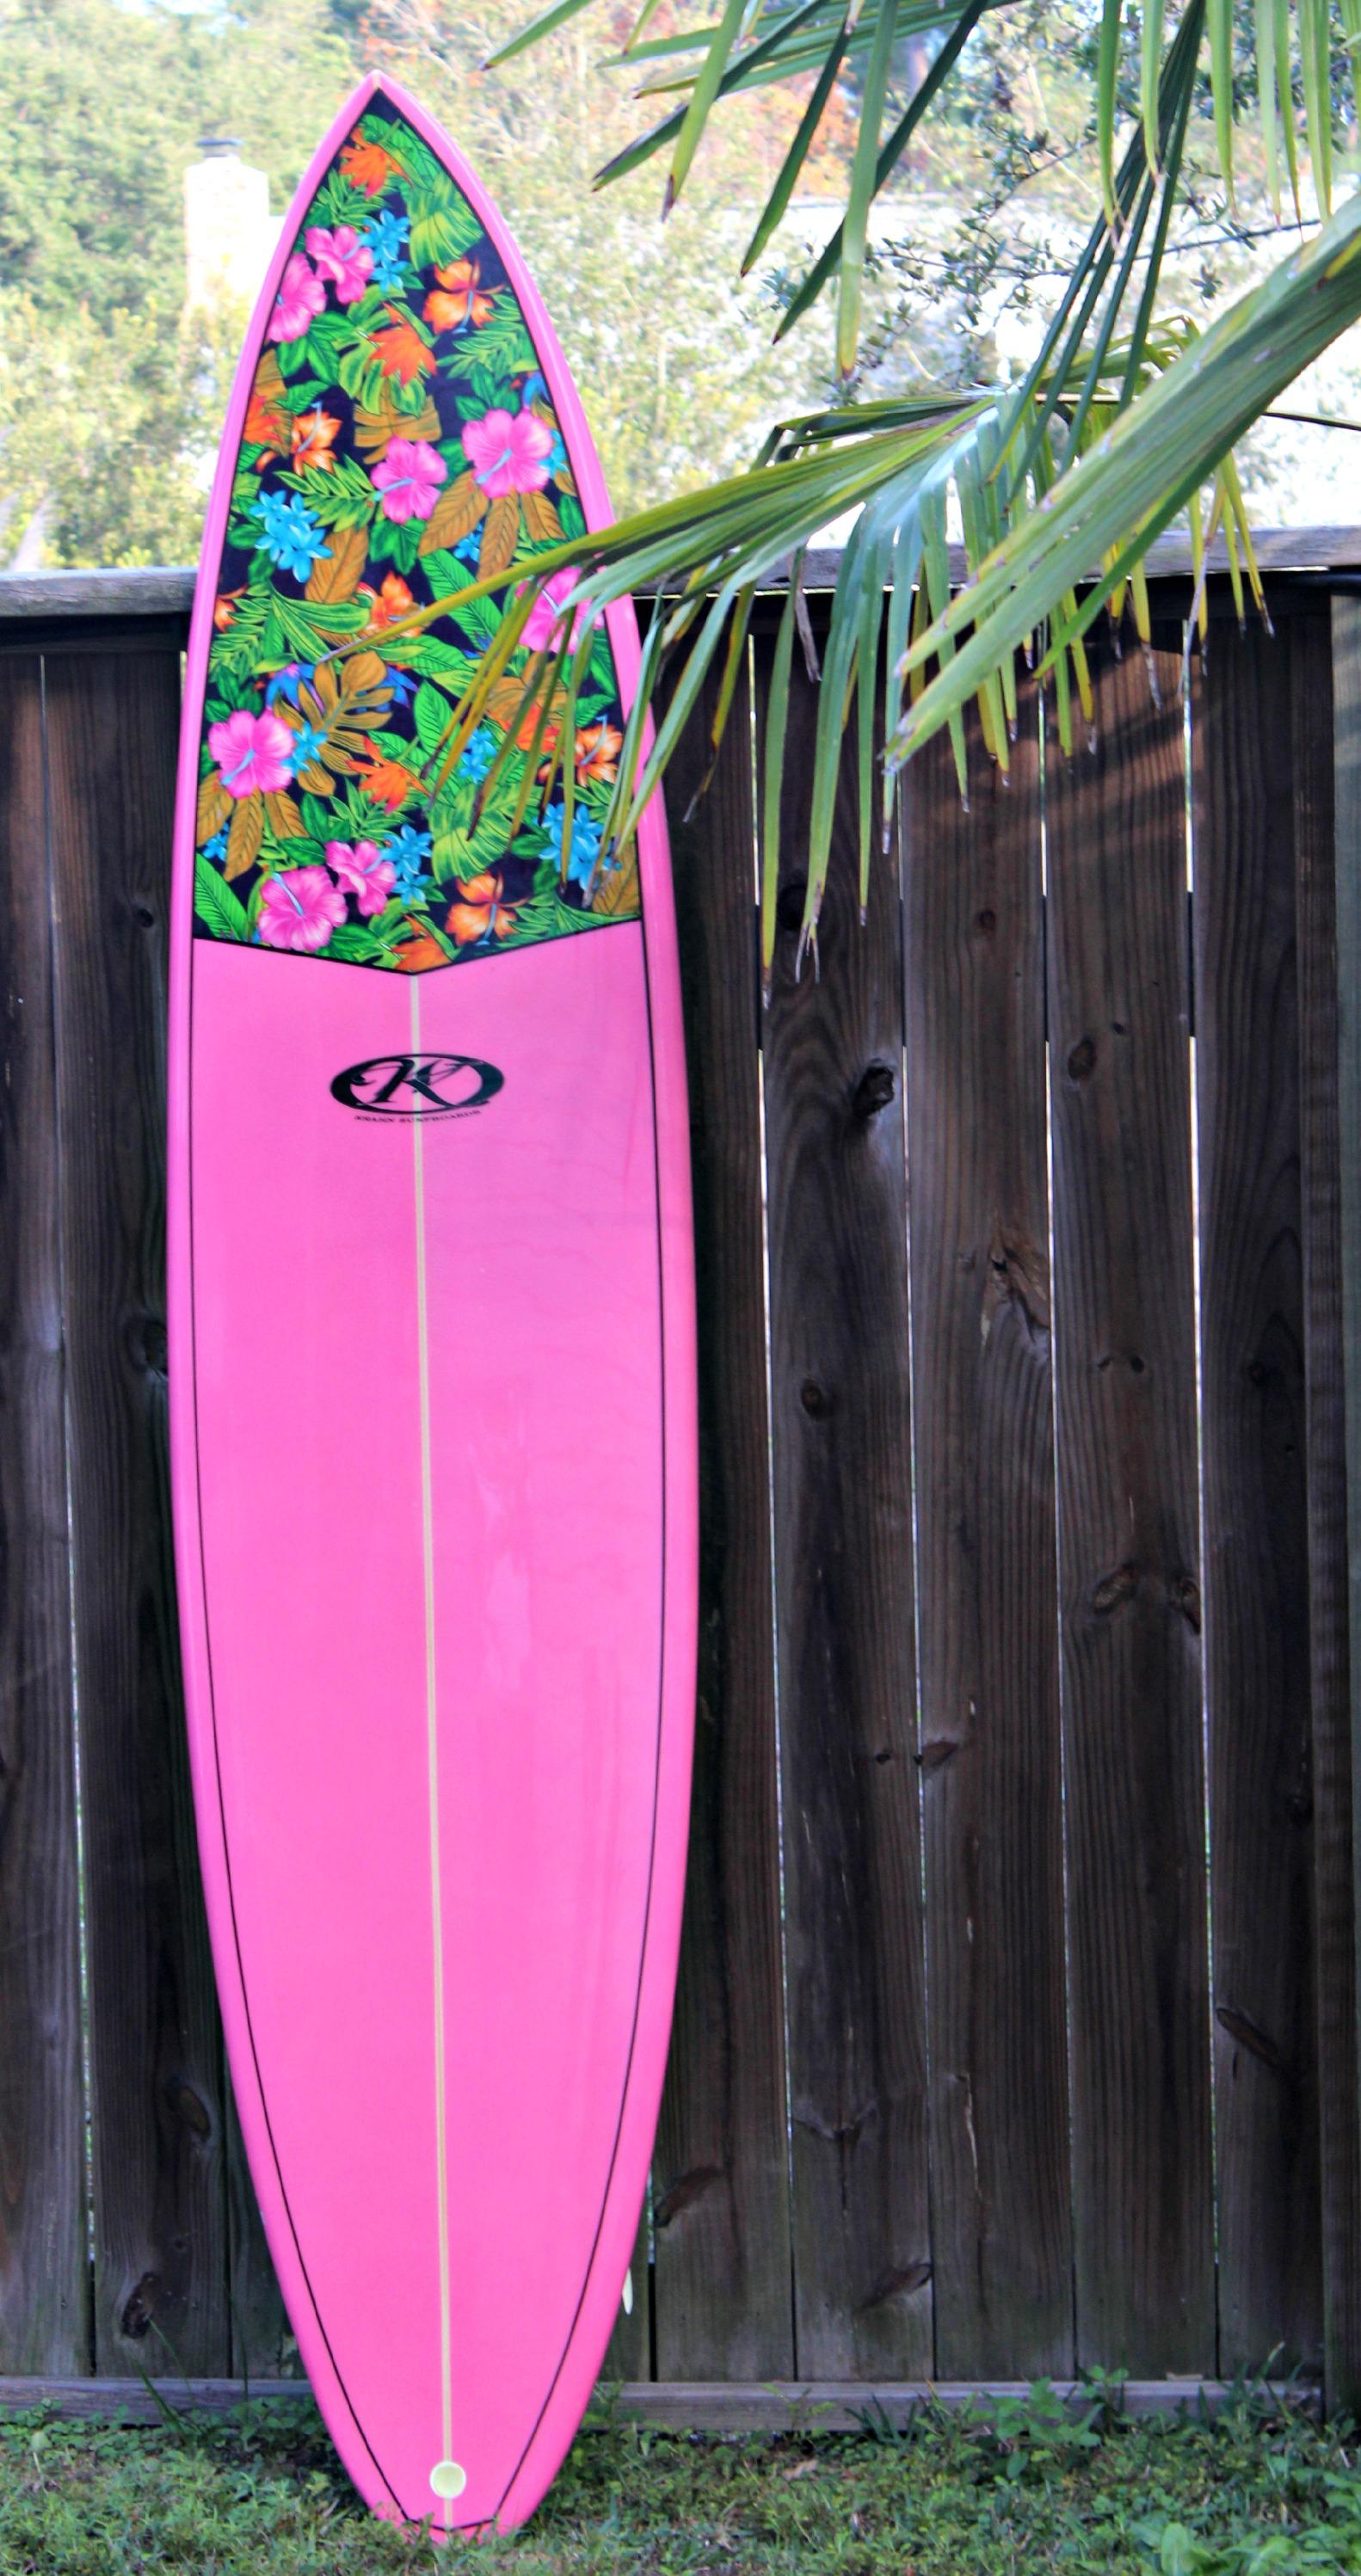 krahnsurfboards6